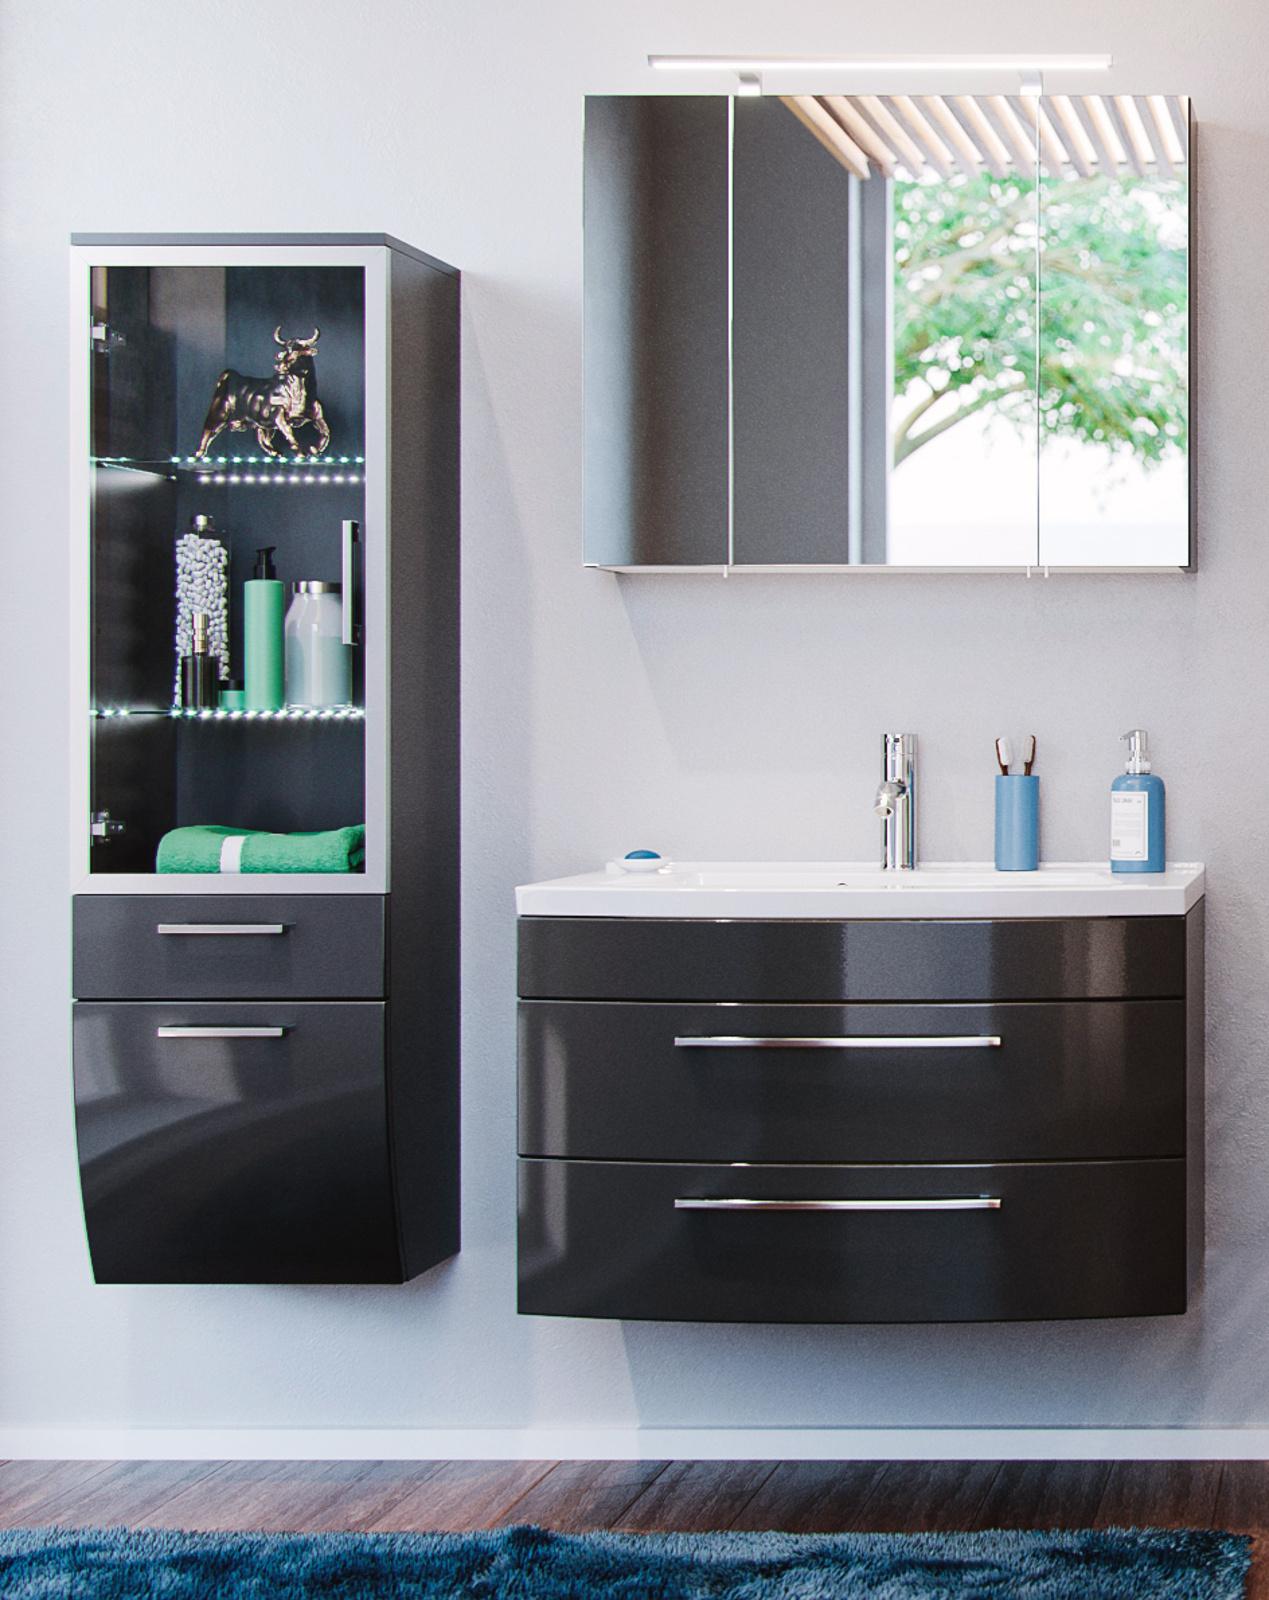 schlafzimmer komplett mit schwebet renschrank. Black Bedroom Furniture Sets. Home Design Ideas